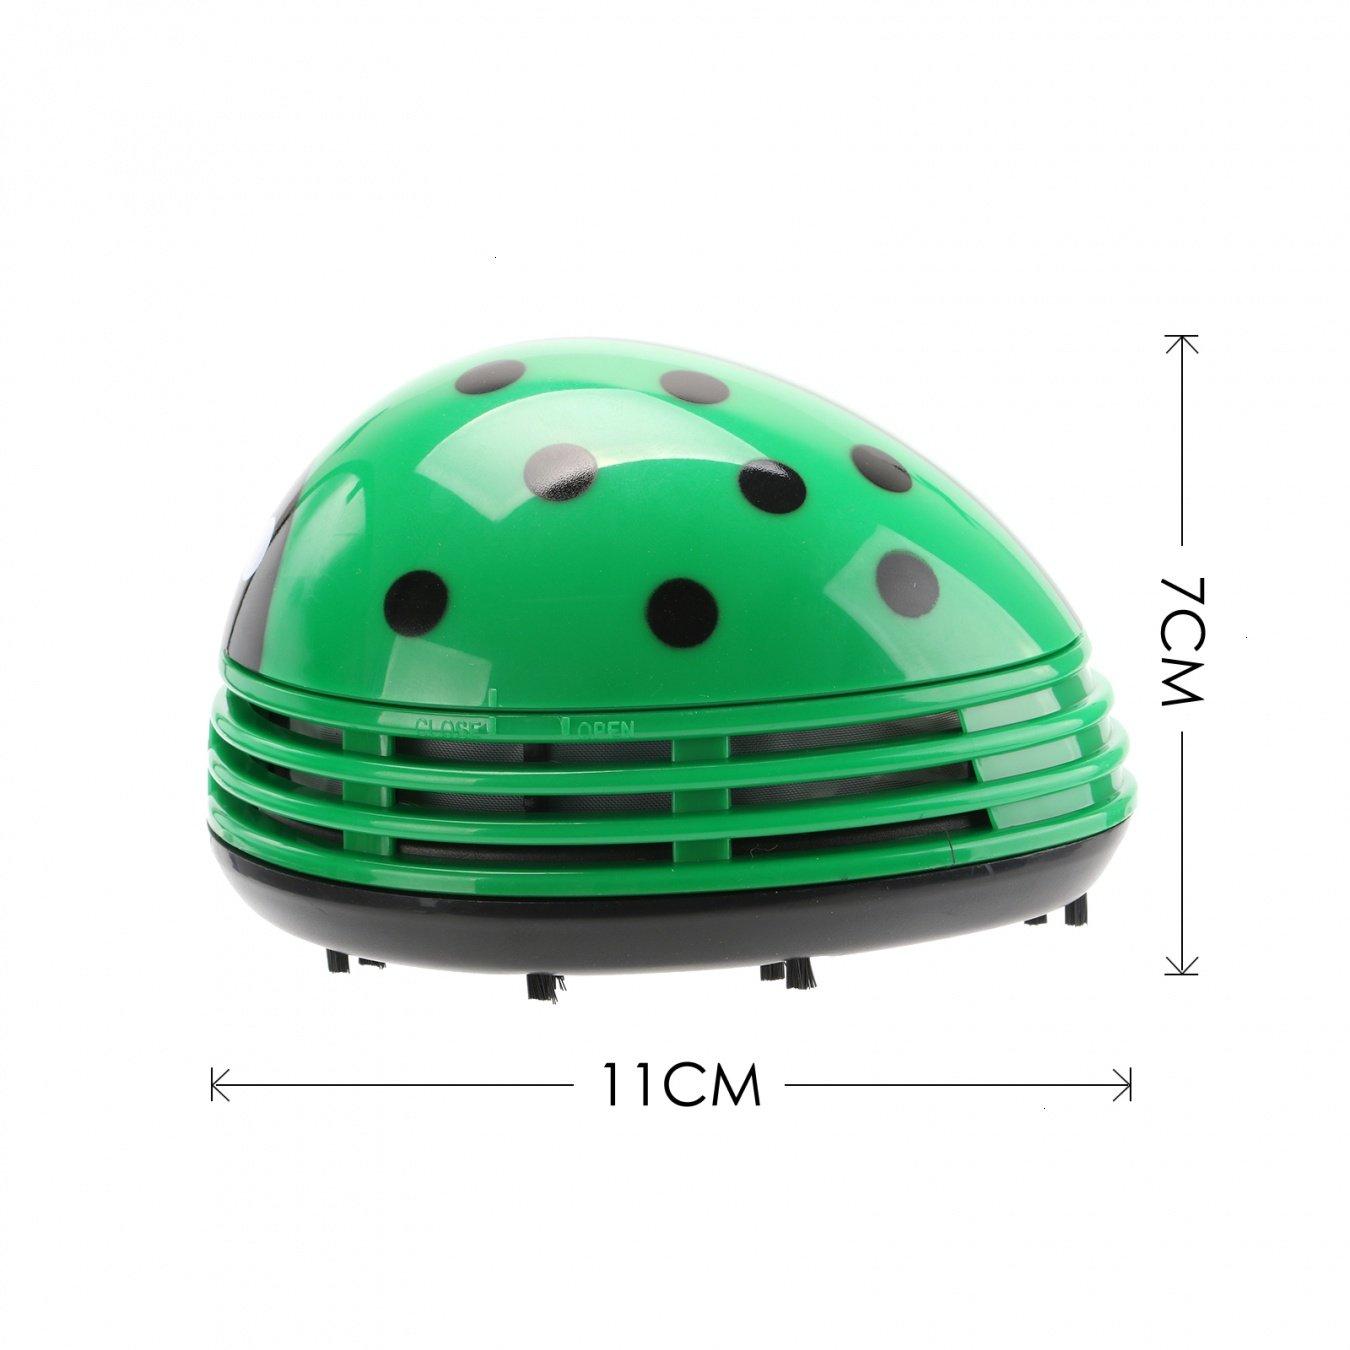 VOYEE Cute Portable Beetle Ladybug Cartoon Mini Desktop Vacuum Desk Dust Cleaner Green by VOYEE (Image #5)